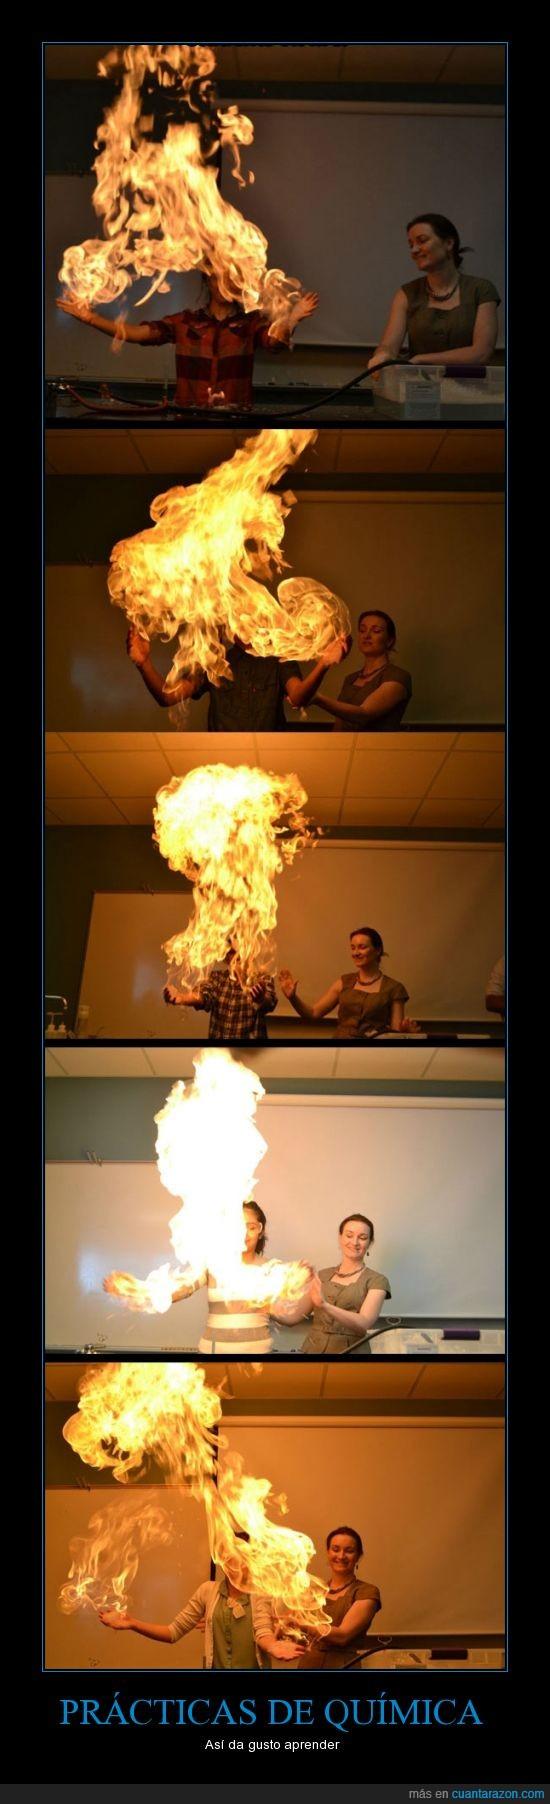 clase,fuego,incendio,laboratorio,profesora